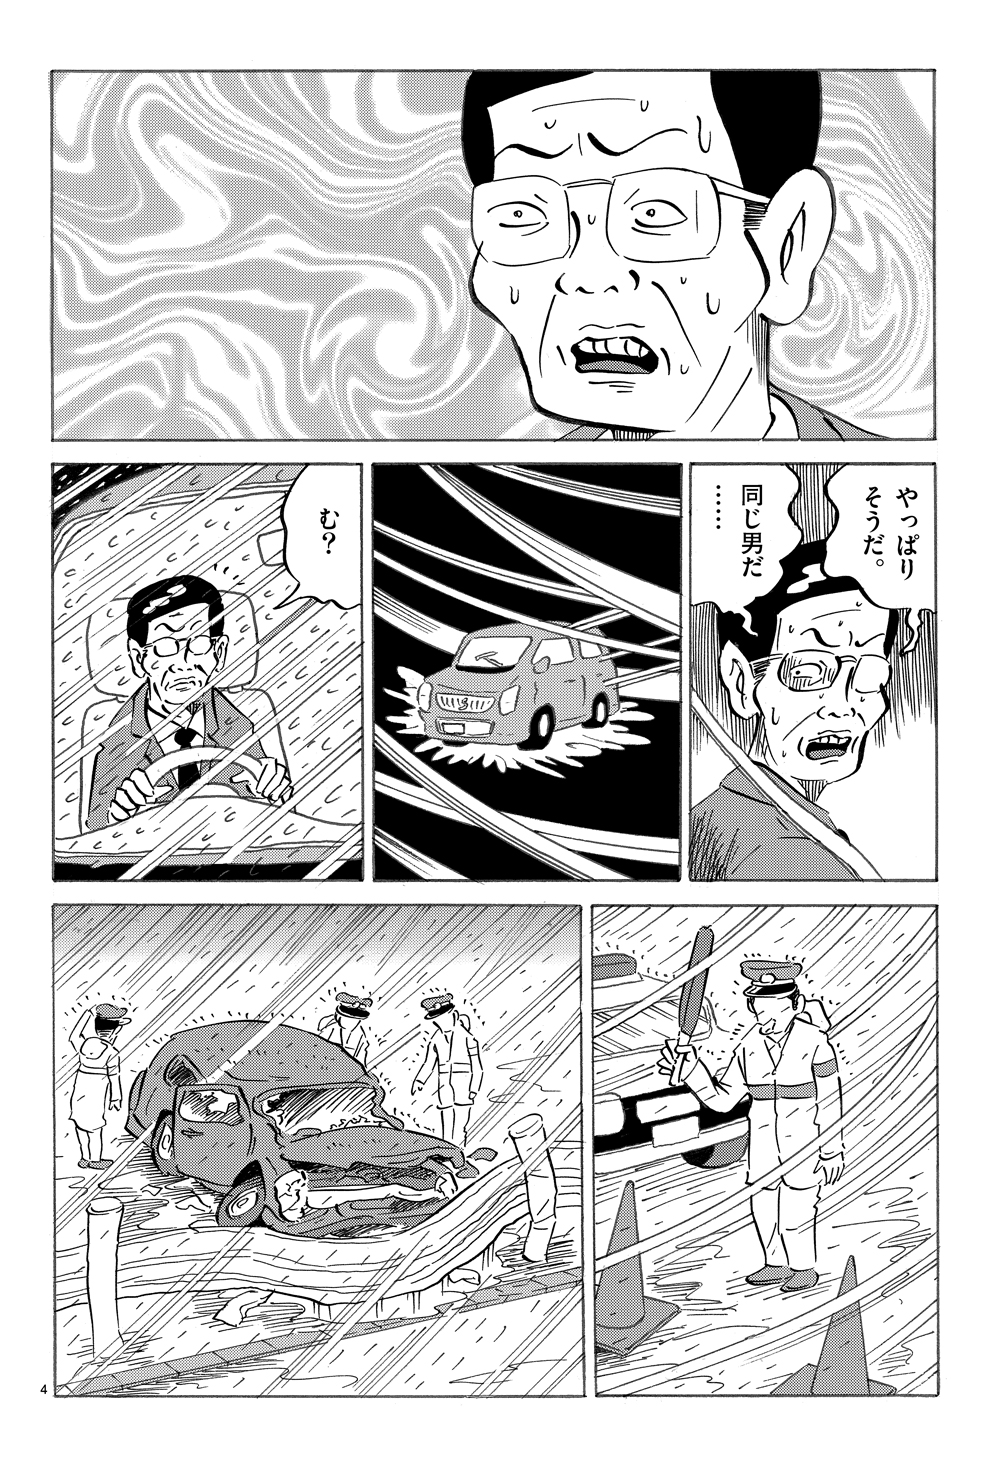 琉球怪談 【第5話】WEB掲載4ページ目画像